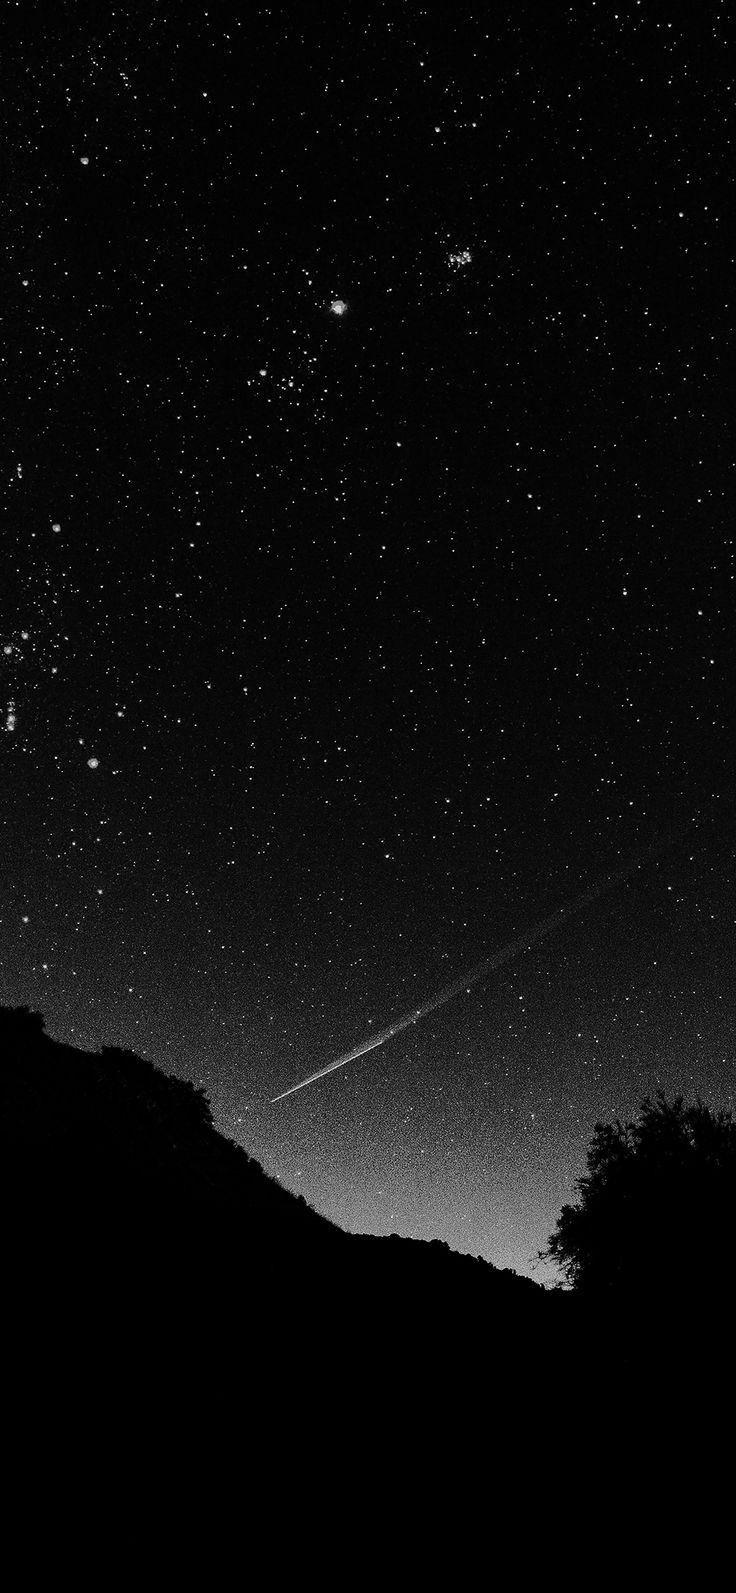 Koleksi Terbaru Gambar Bintang Hitam Putih | Ideku Unik